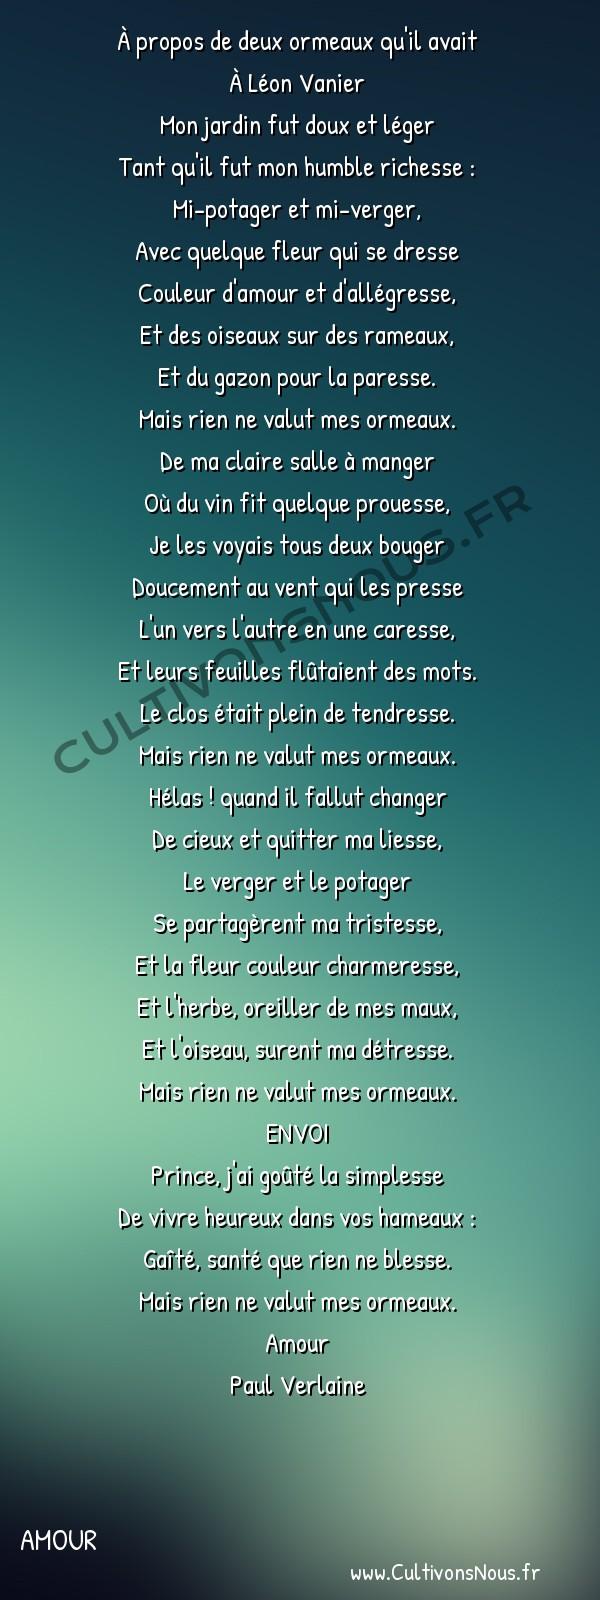 Poésie Paul Verlaine - Amour - Ballade -  À propos de deux ormeaux qu'il avait À Léon Vanier